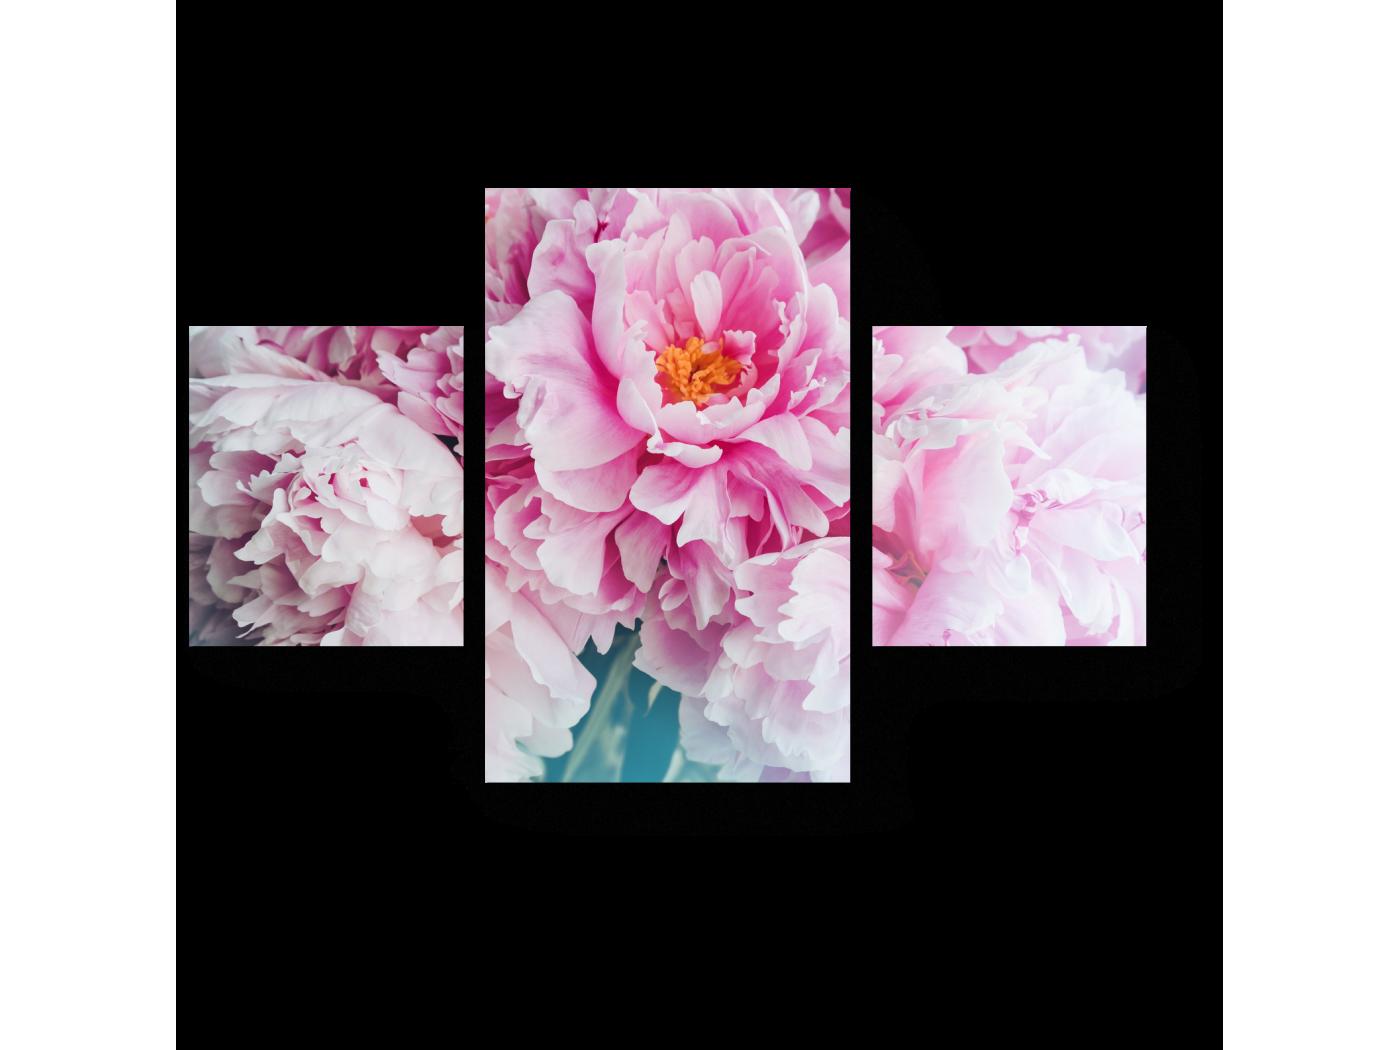 Модульная картина Нежно-розовые пионы (80x52) фото